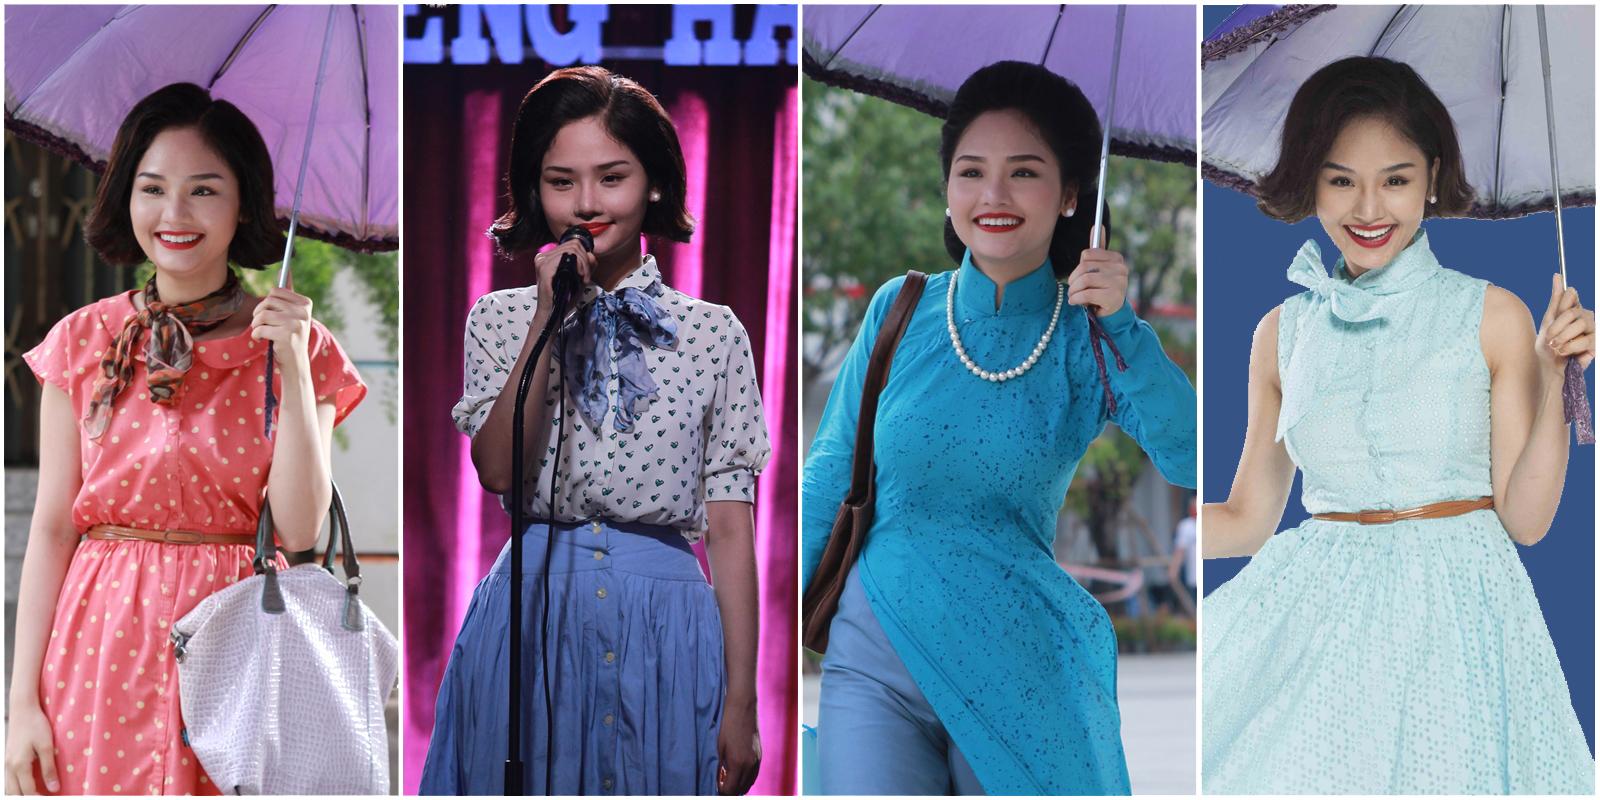 7 diễn viên làng phim Việt này đang cần một vai diễn thực sự bứt phá? - Ảnh 4.